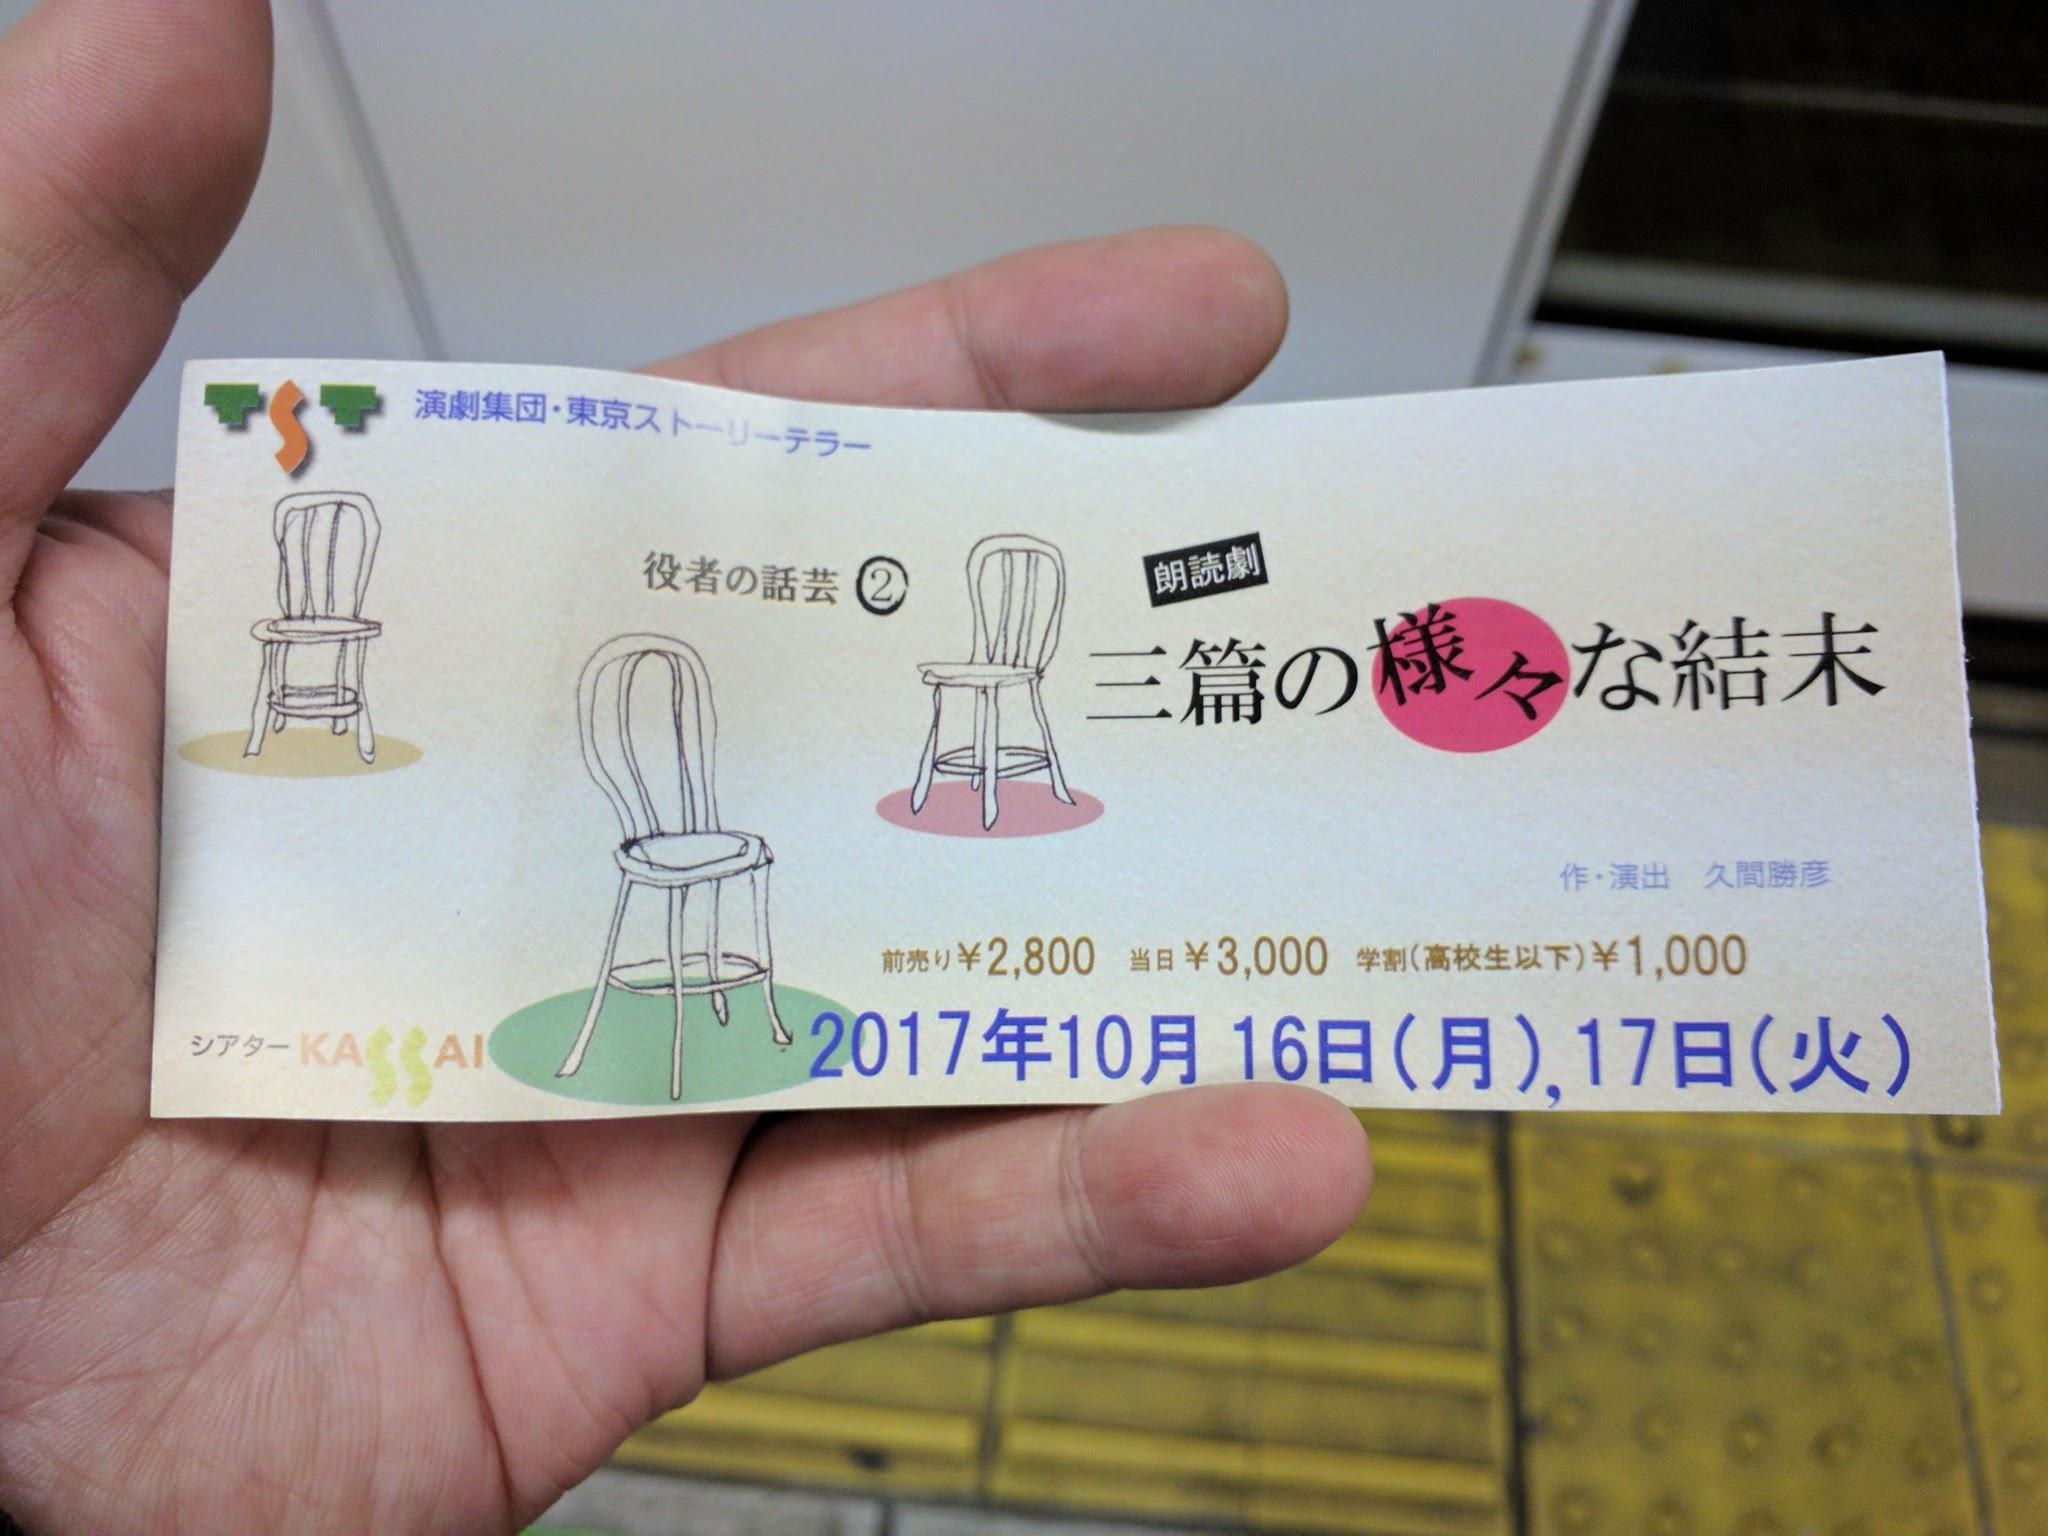 チケット | 役者の話芸②「三編の様々な結末 」東京ストーリーテラー